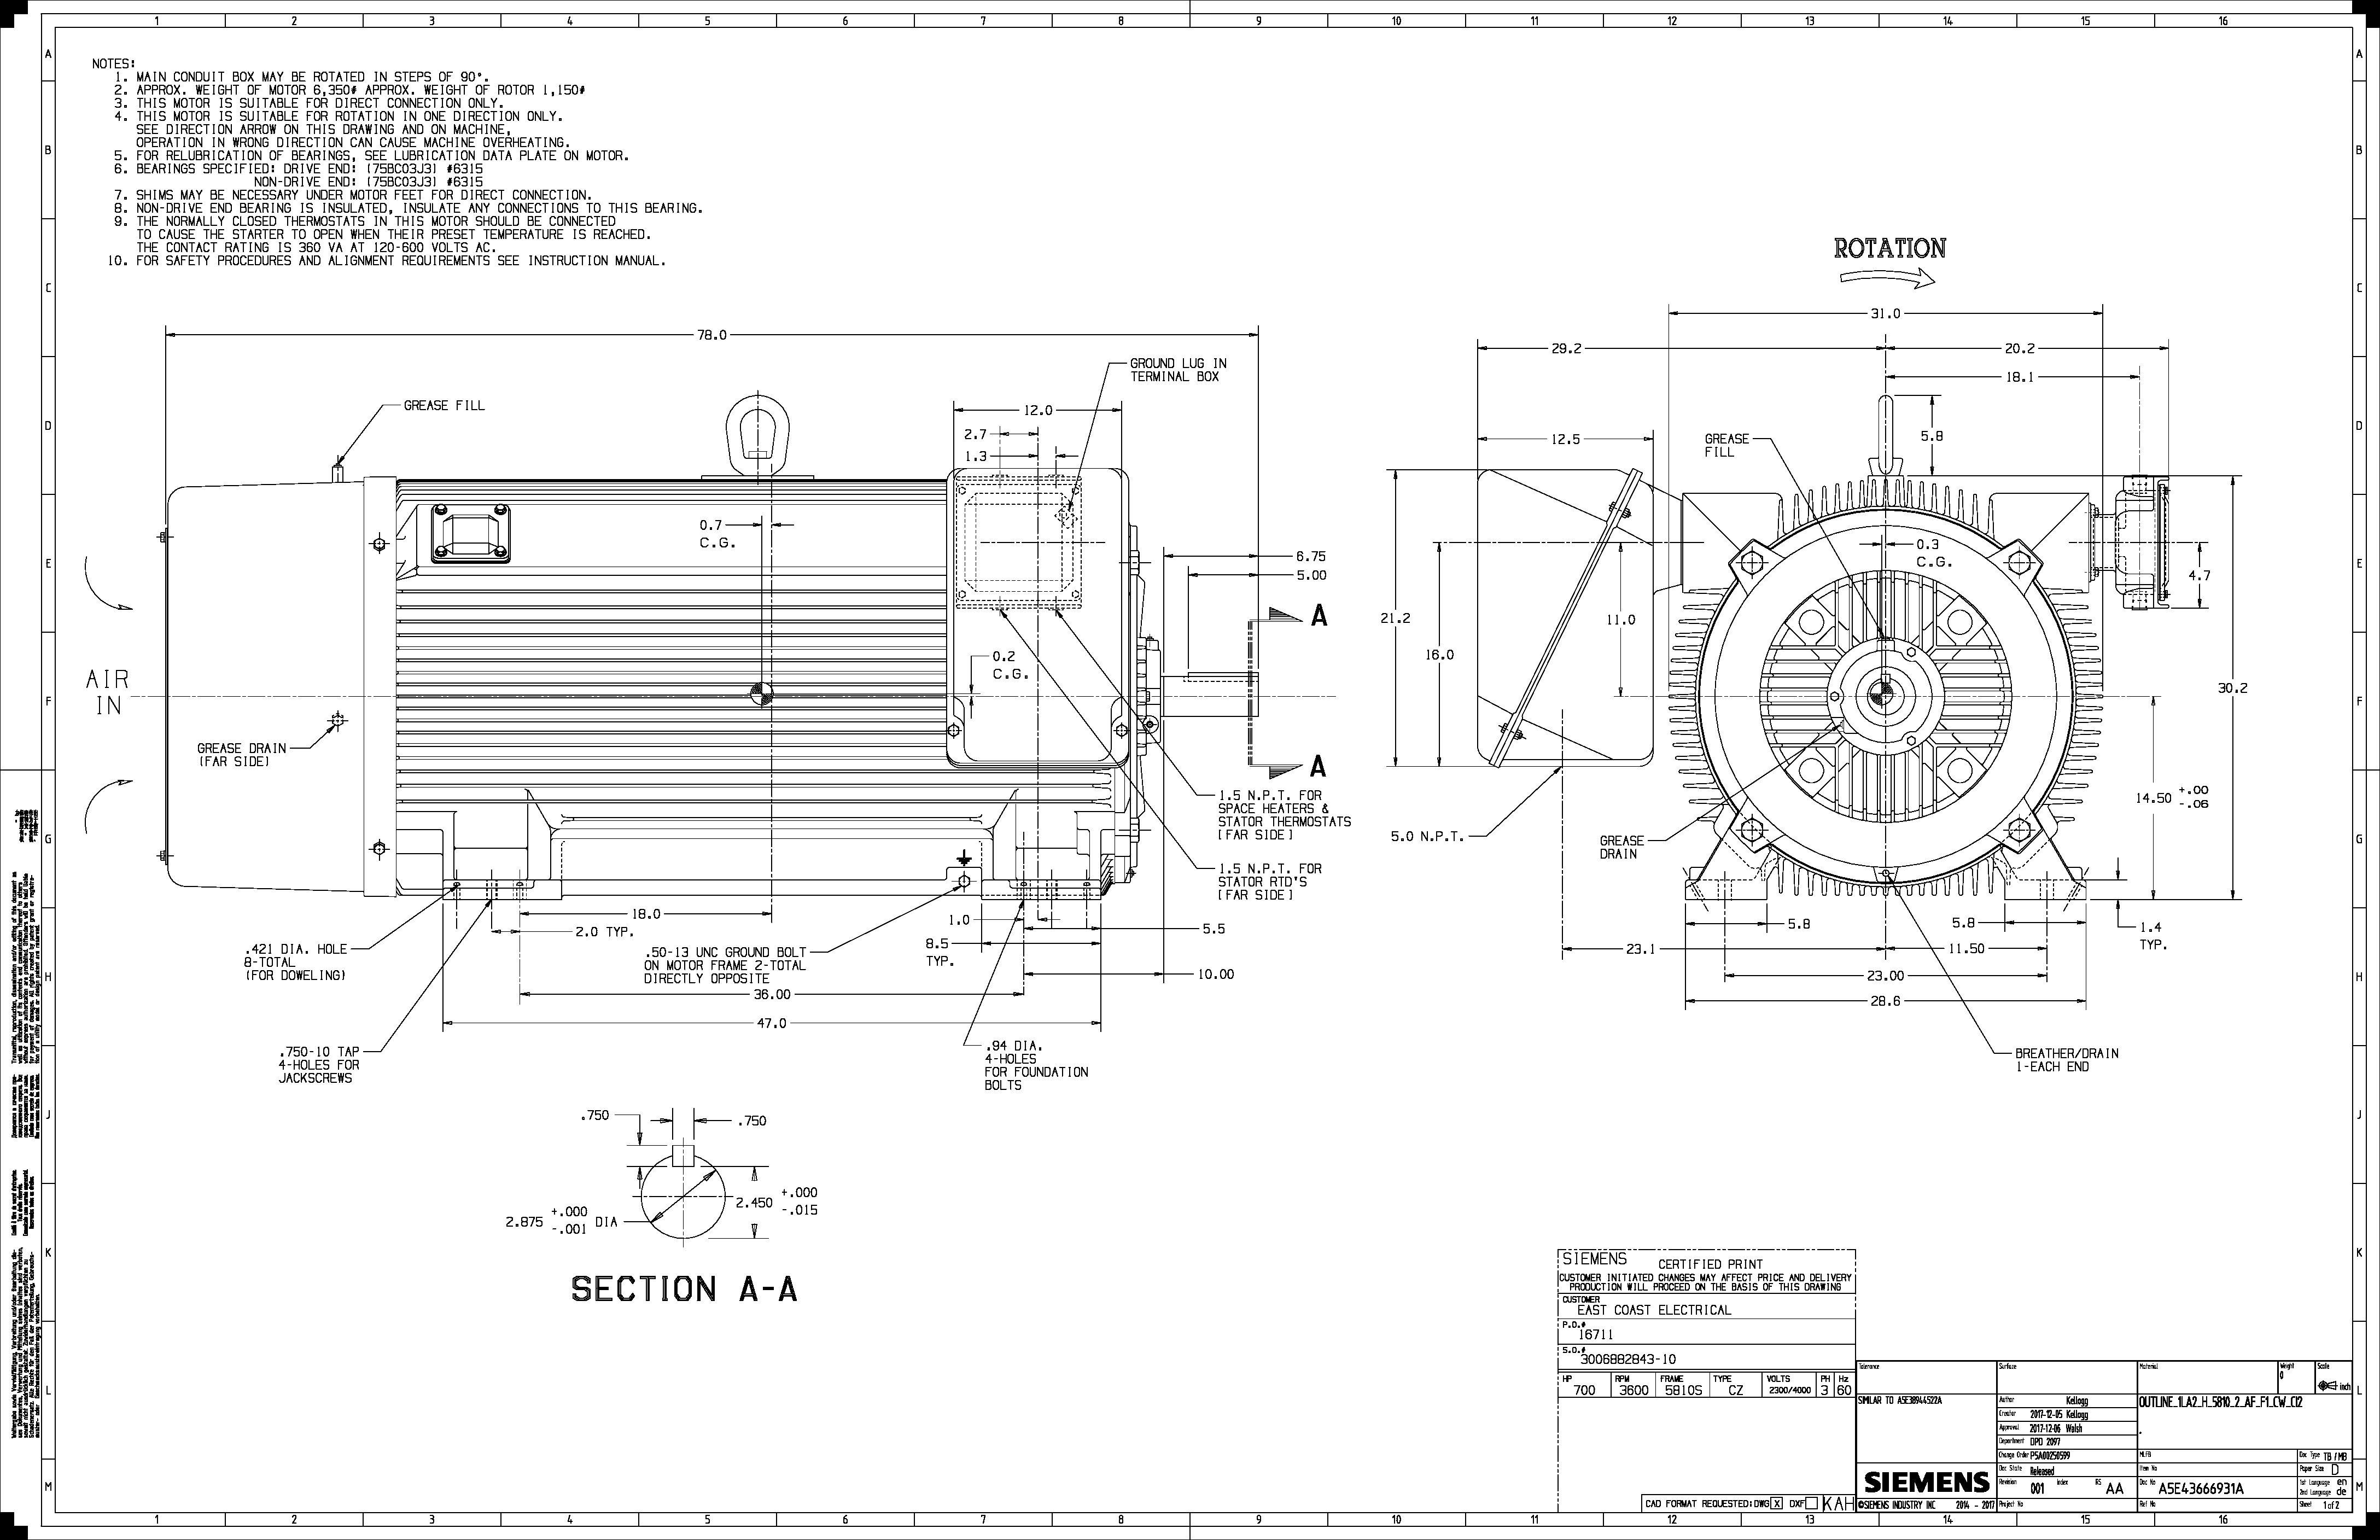 800 Hp Rpm Siemens Frame S Bbtefc V New 2